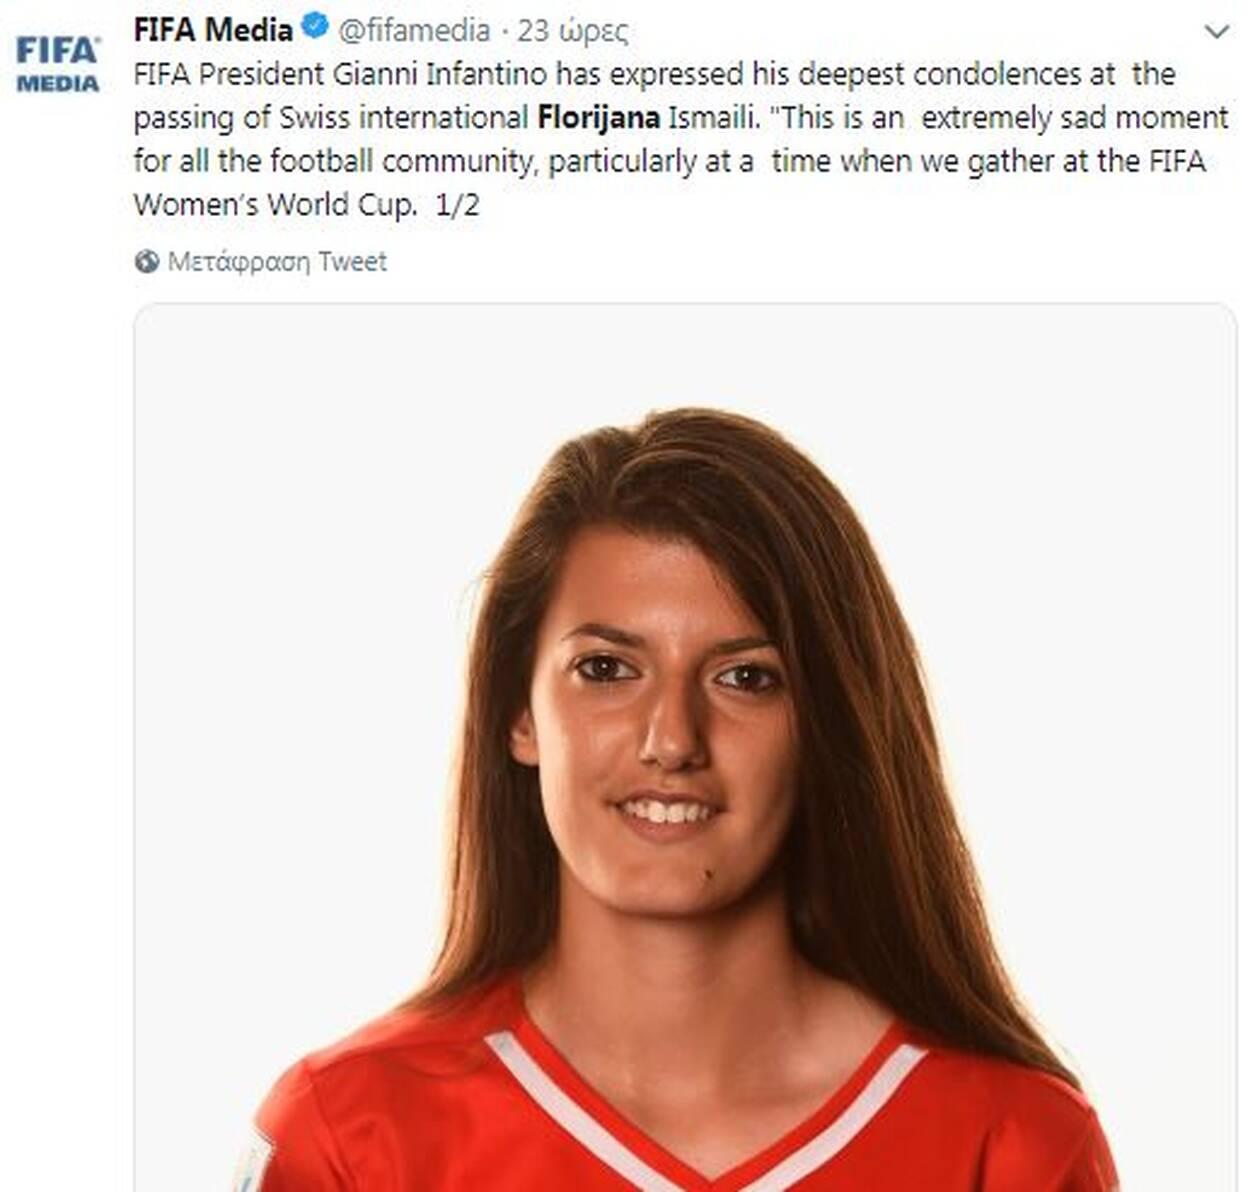 Τραγικό τέλος στην εξαφάνιση 24χρονης αθλήτριας - Βρέθηκε νεκρή στον πάτο της λίμνης 3